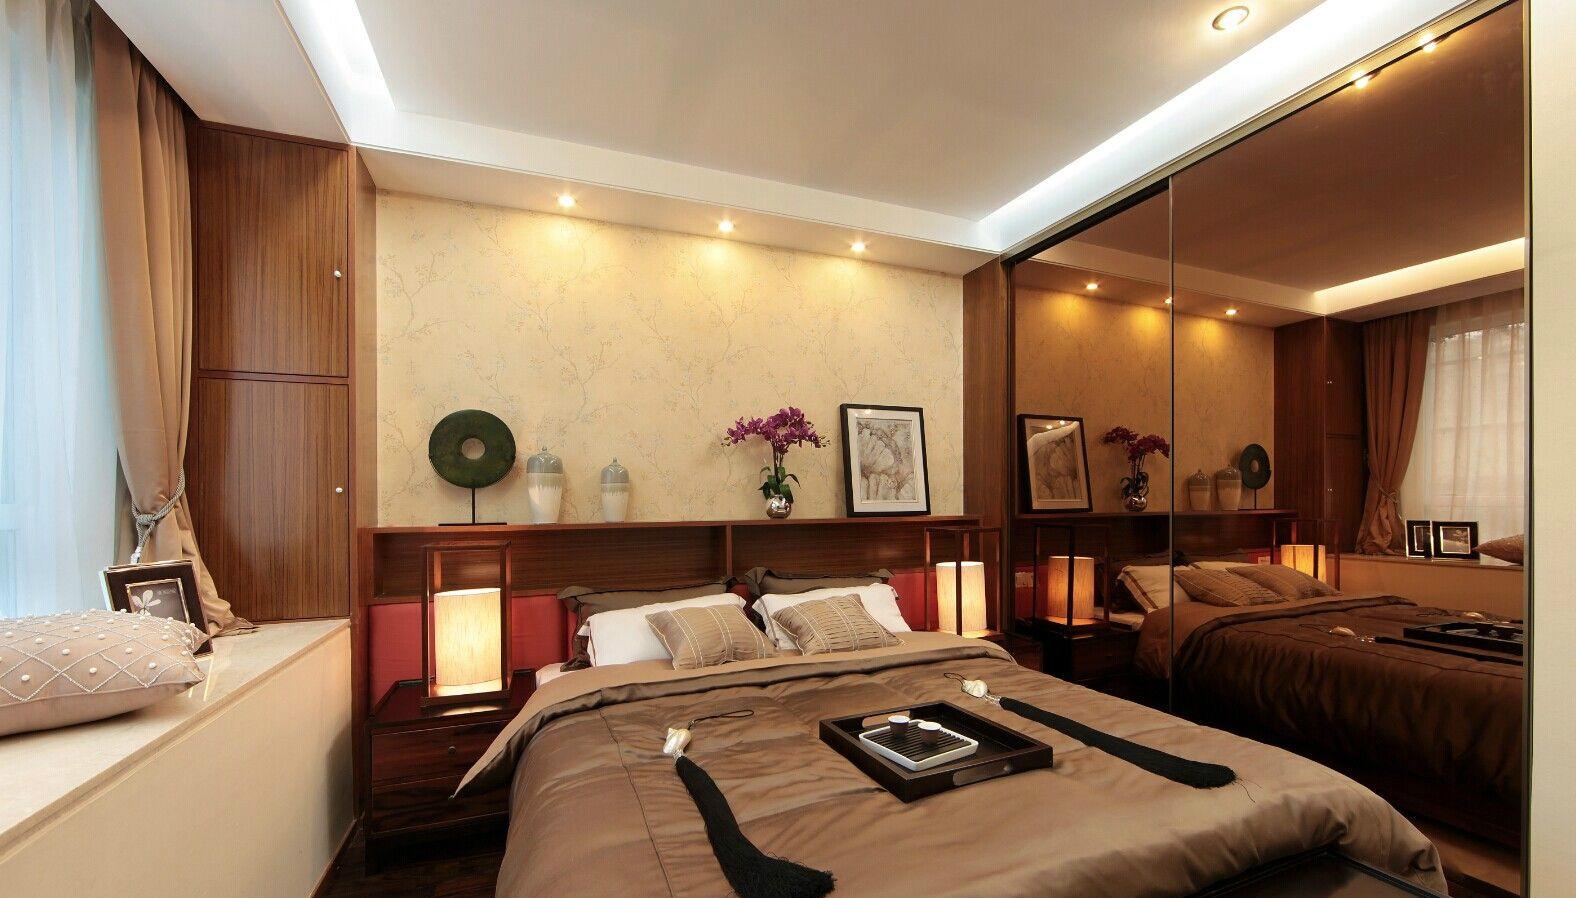 卧室整个空间雅致而清新,布艺窗帘的设计,整个的简约之感